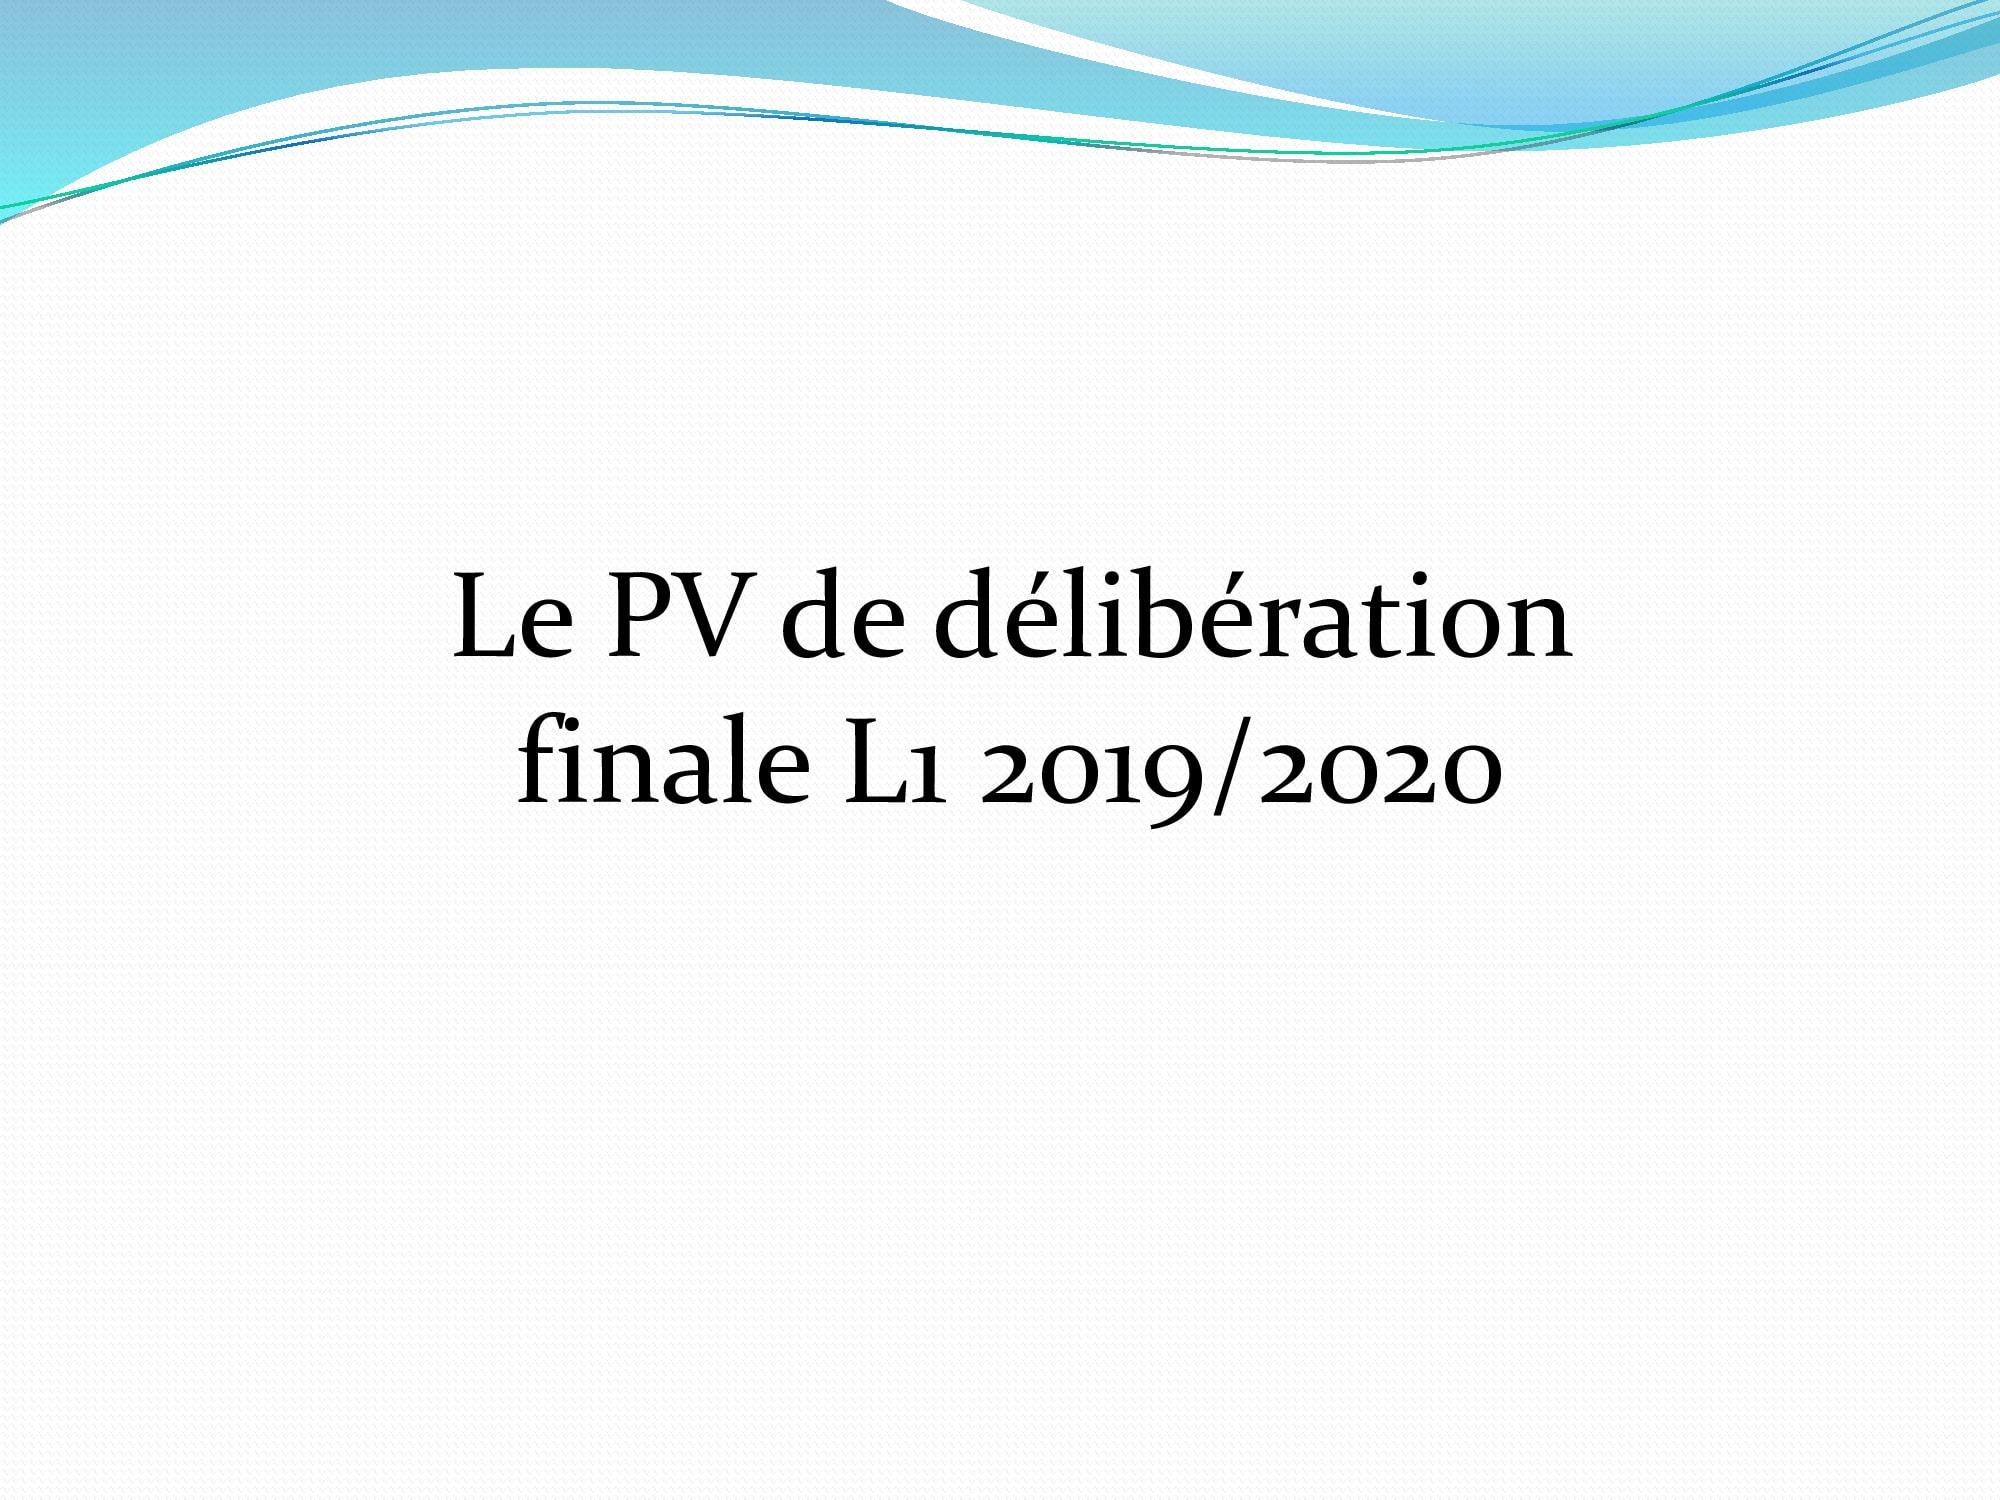 le-PV-de-dlibration-finale-L1-2019-2020-min